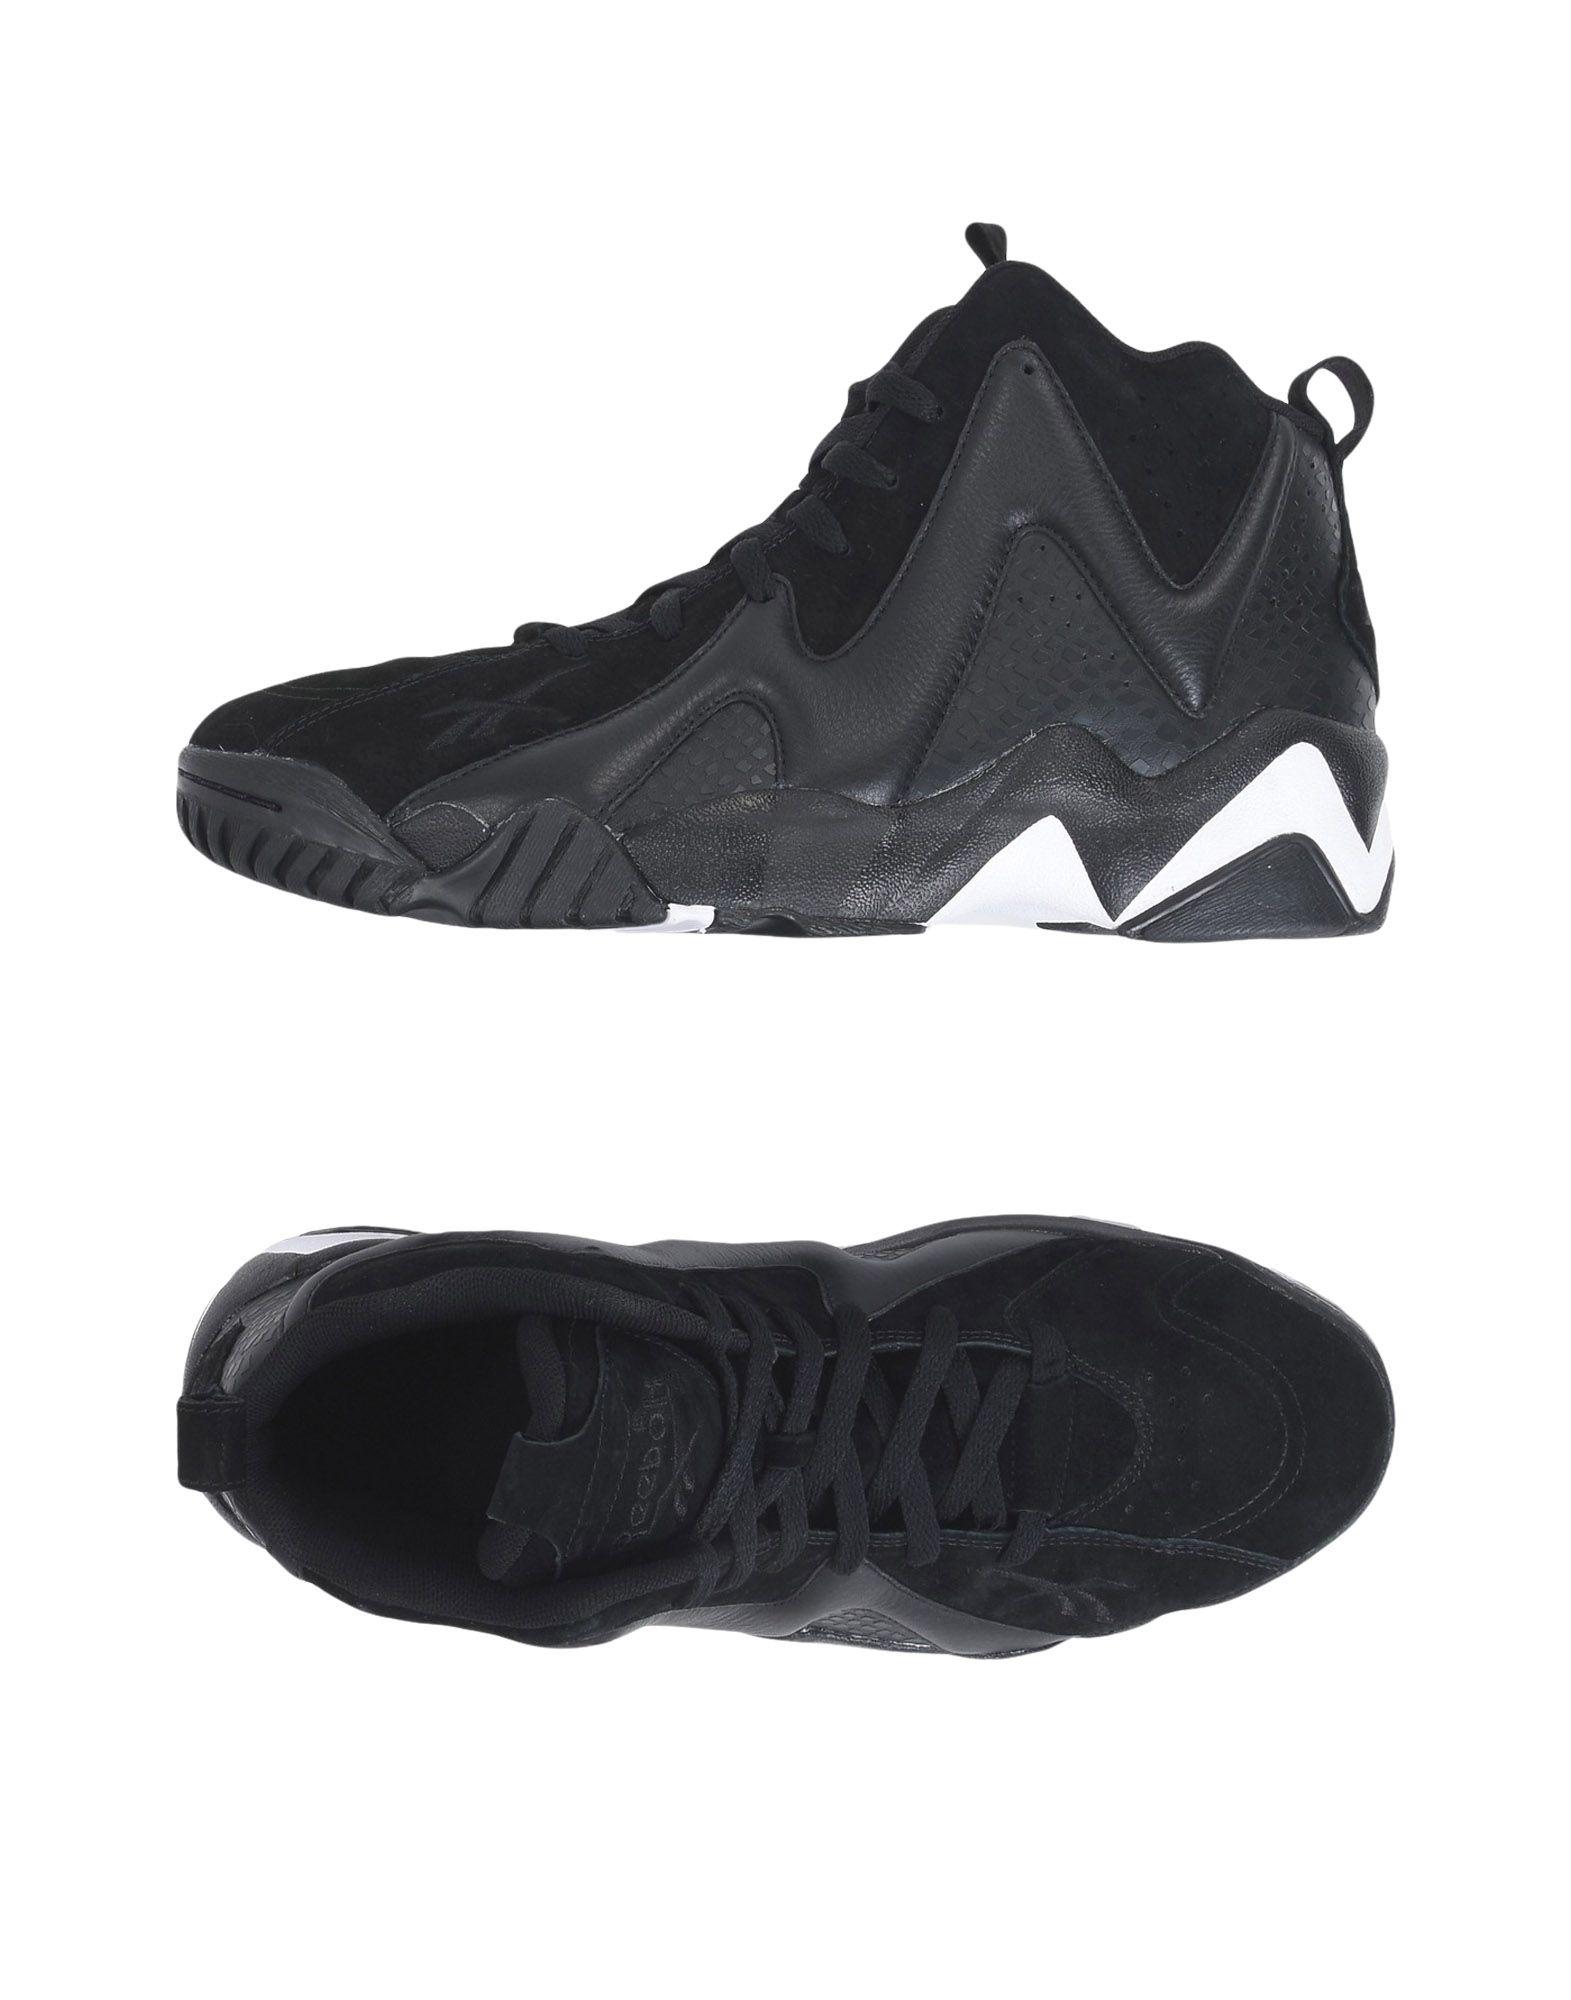 Sneakers Reebok Kamikaze Ii Atl-Lax - Uomo - 11443367FN